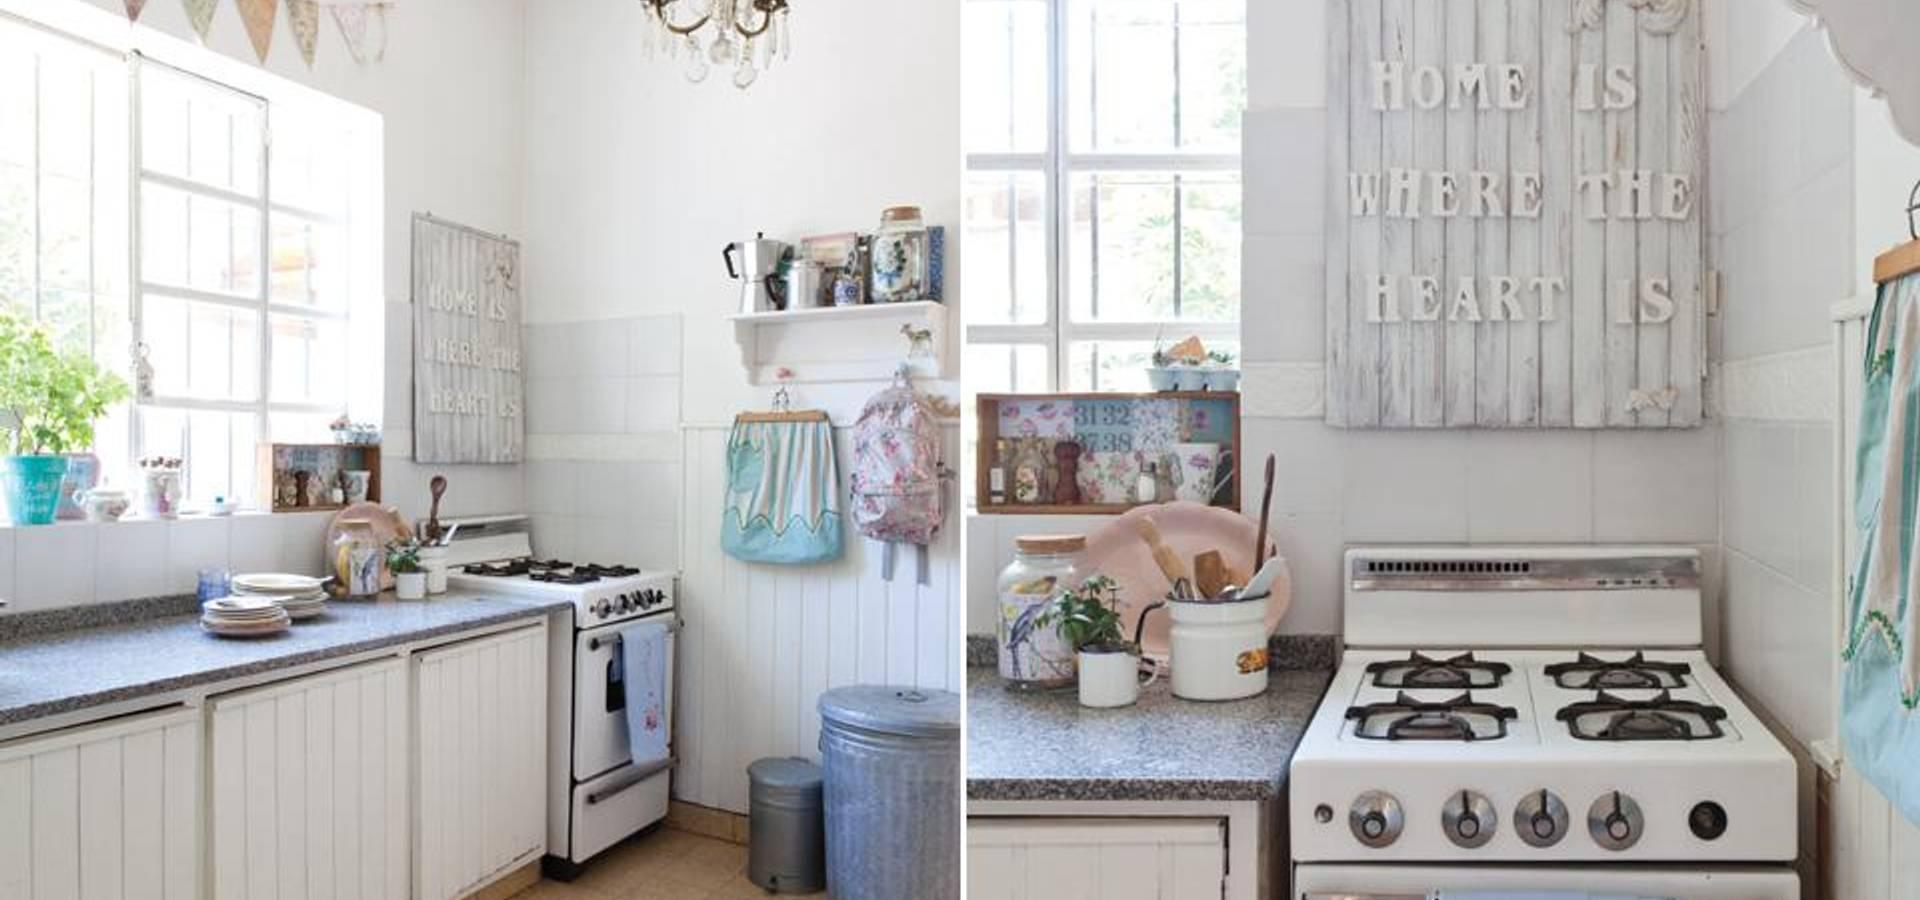 Decoraci n de interiores casa vintage profesjonalista la florinda homify - Decoracion interiores vintage ...